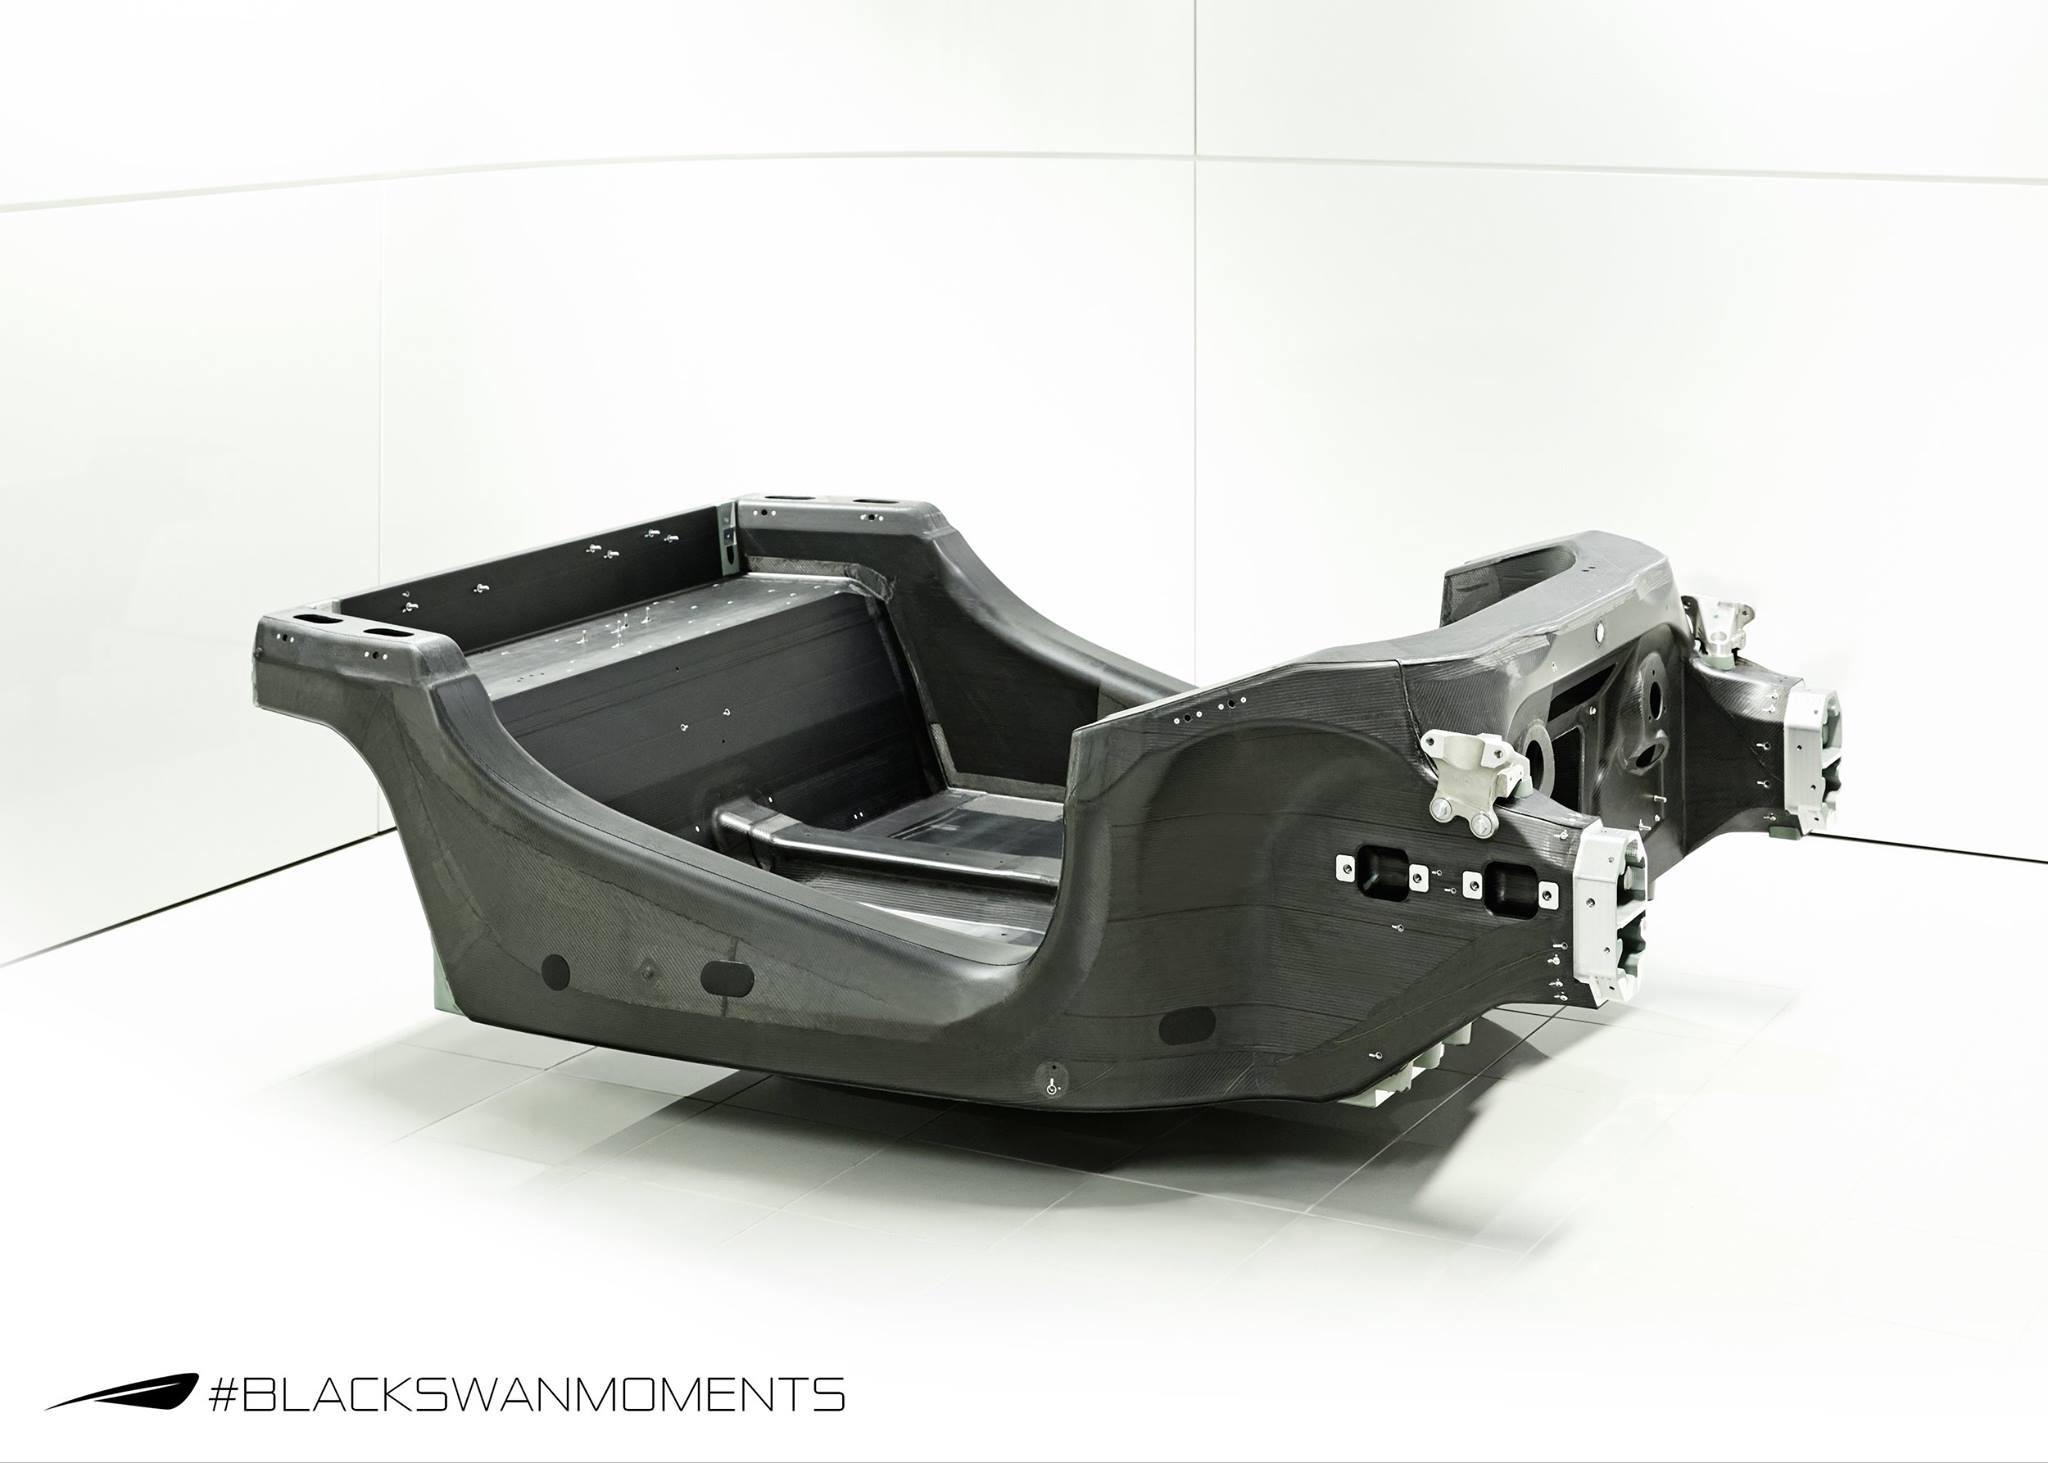 2015 - [McLaren] 570s [P13] - Page 2 Mclaren-reveals-sports-series-carbon-fiber-monocoque-tub_1